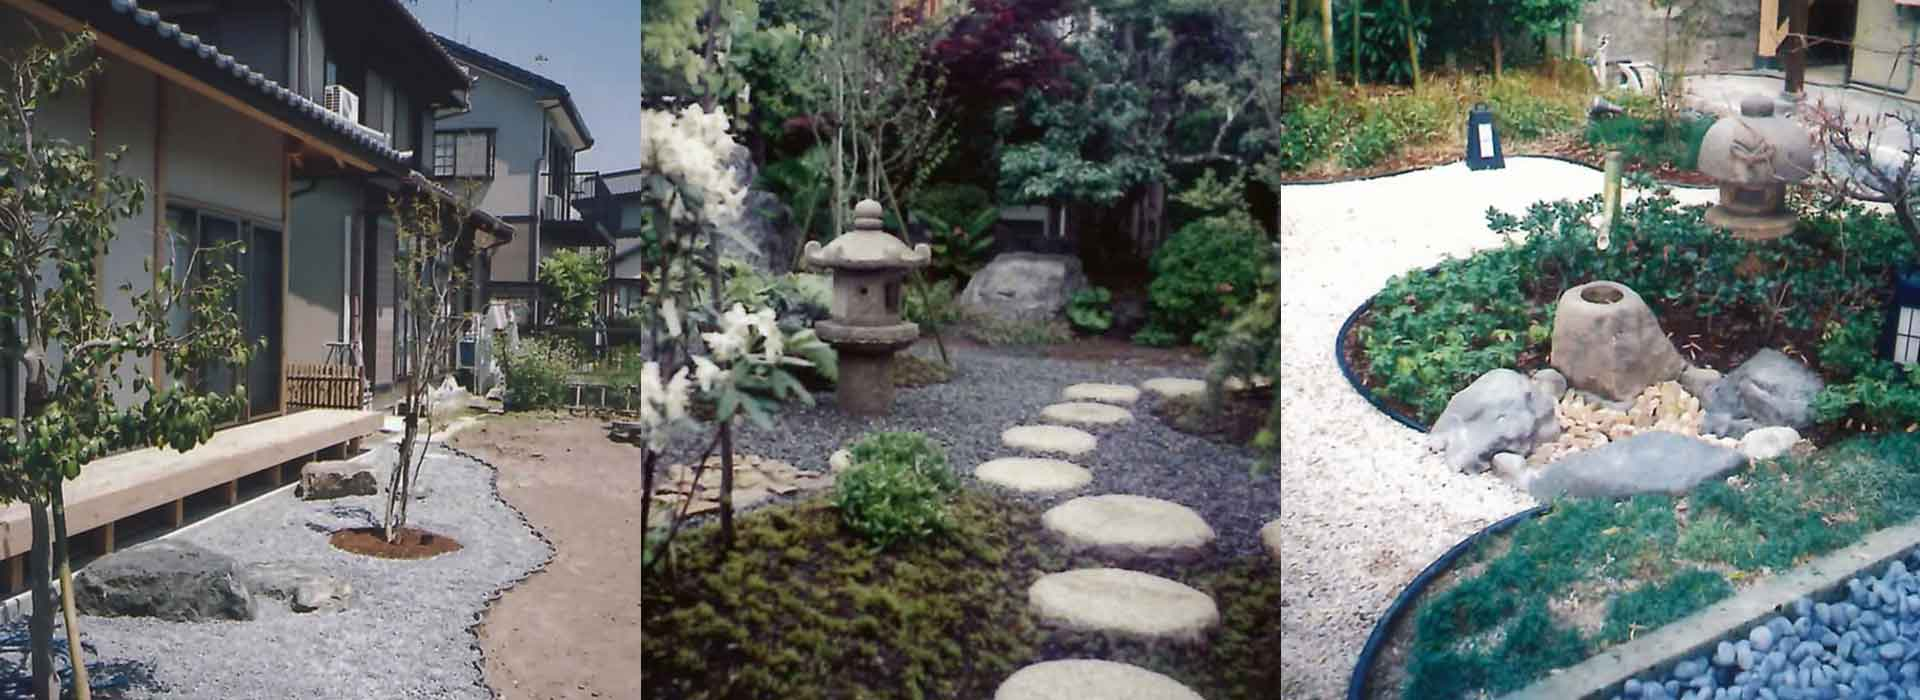 純和風・洋風・欧風・モダン・テラスガーデンなどお好みの庭造りをいたします。